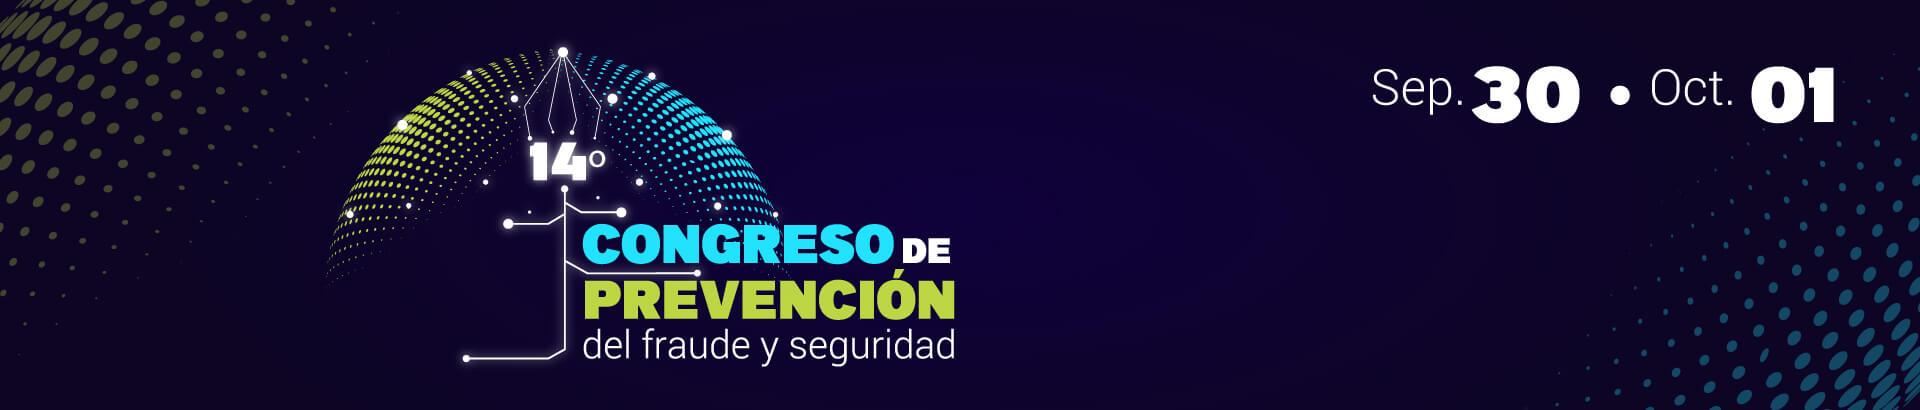 14 congreso de prevencion del fraude y seguridad asobancaria